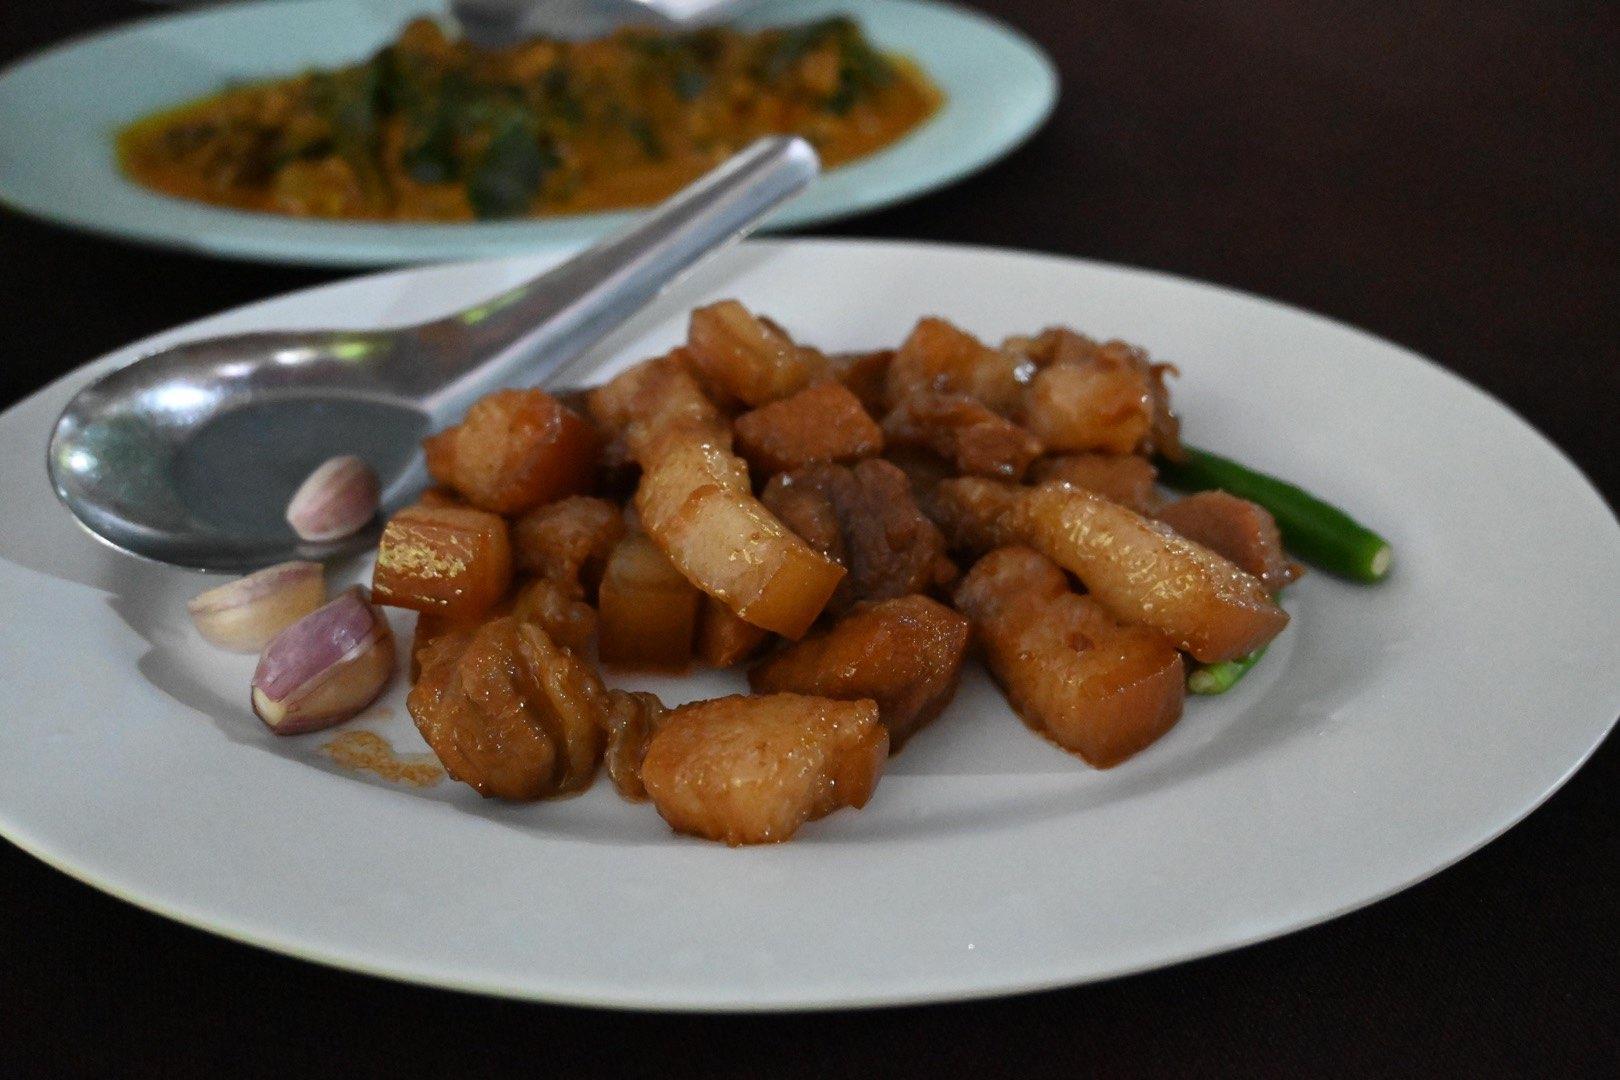 อาหารใต้รสเด็ด หมอมูดง ภูเก็ต อยากกินอาหารใต้รสเด็ดบ้านๆ หมอมูดง ปลายัดไส้